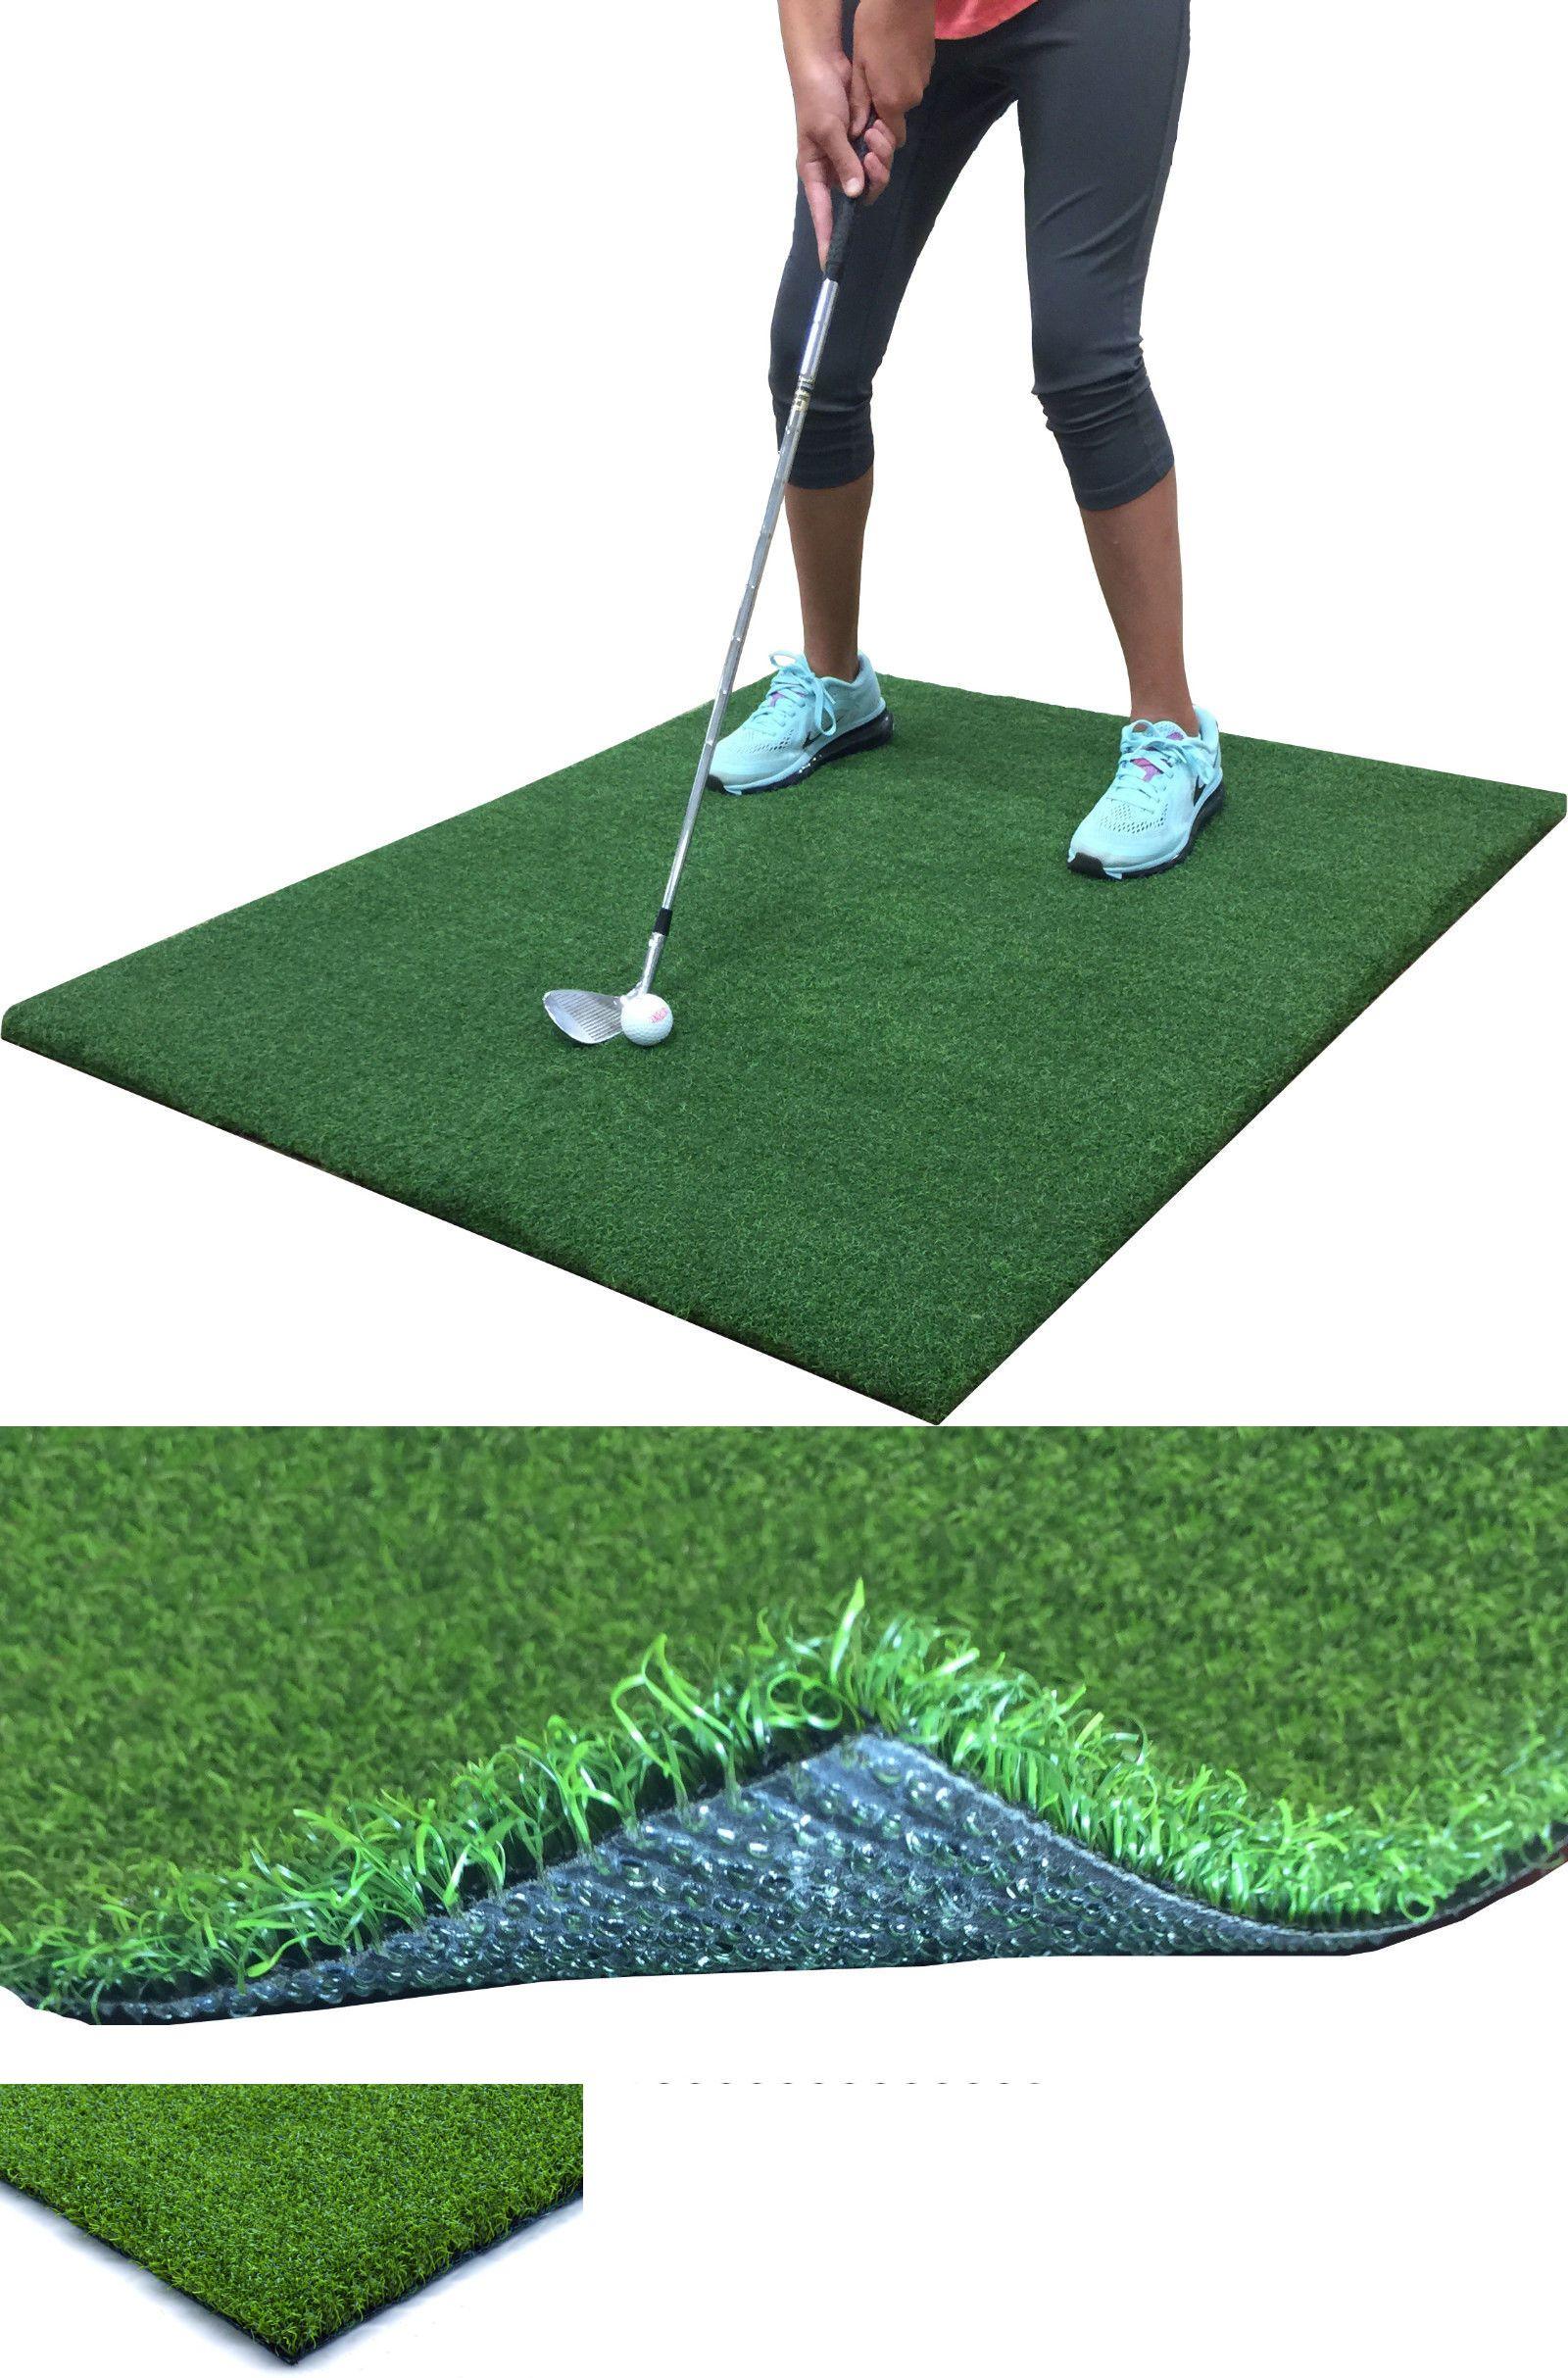 nets cages and mats 50876 backyard golf mat 36 x 36 pro